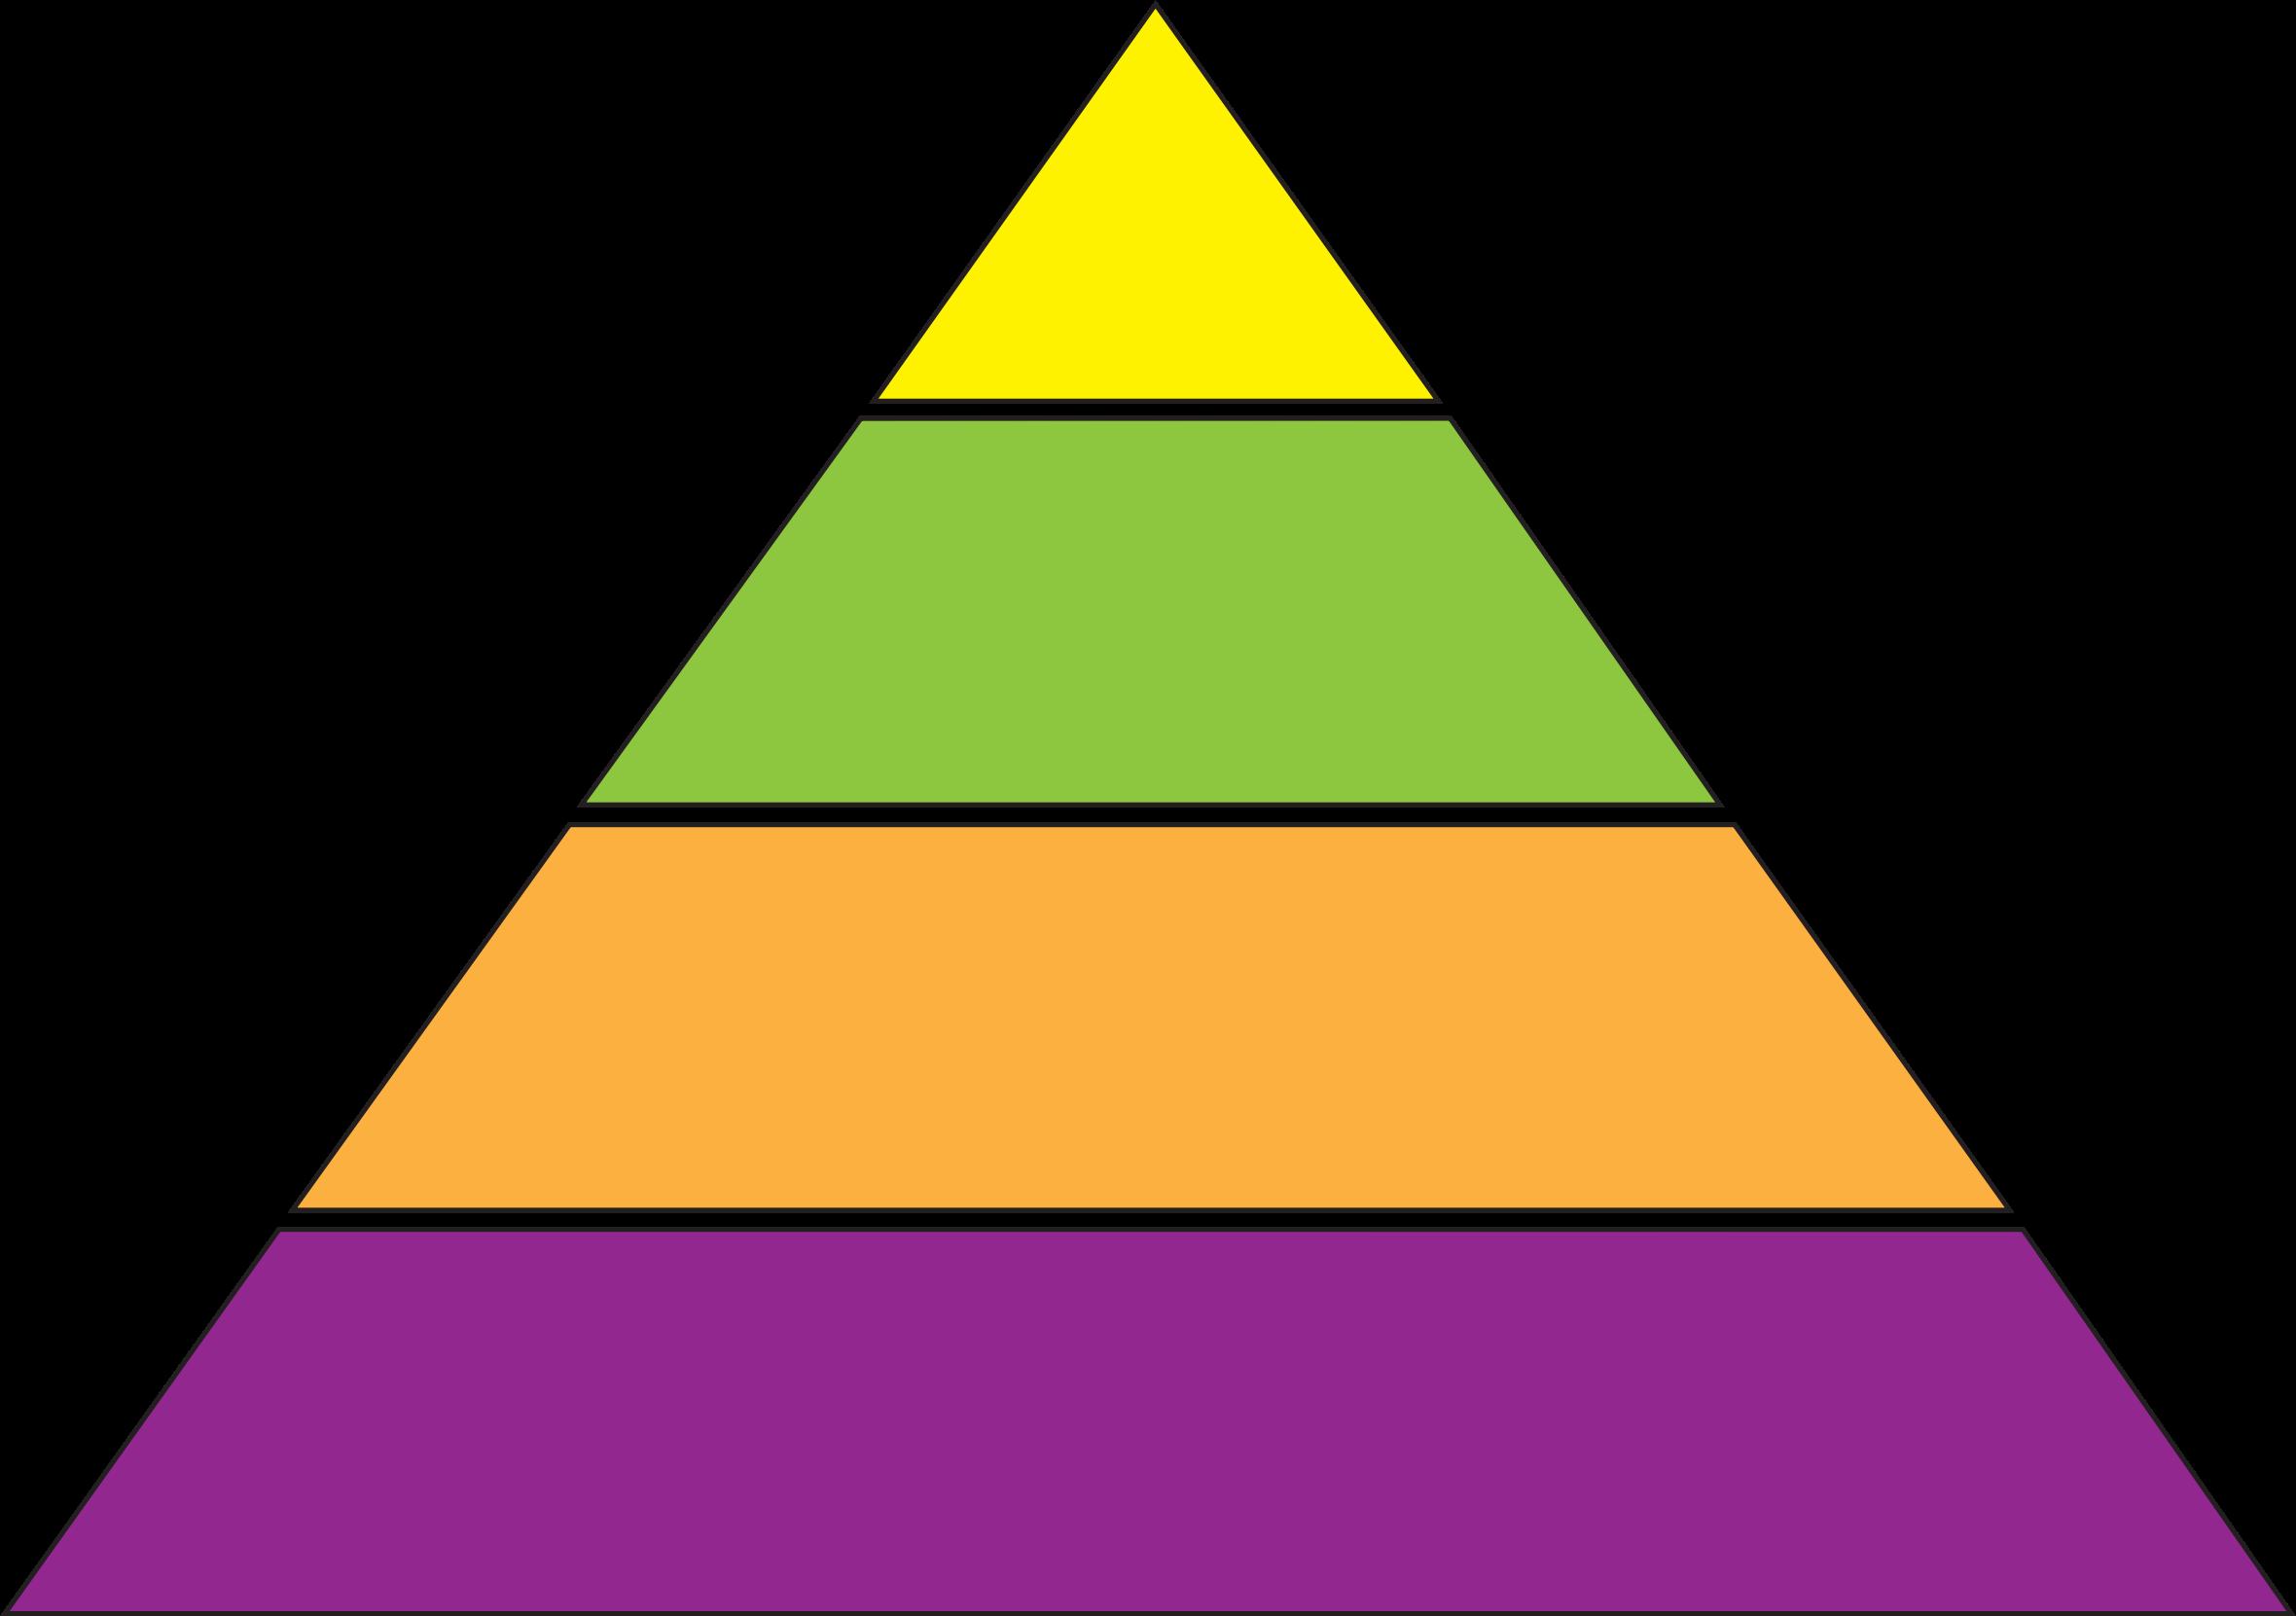 Pyramid cliparts. Pyramid cliparts. Food Pyramid Clip Art